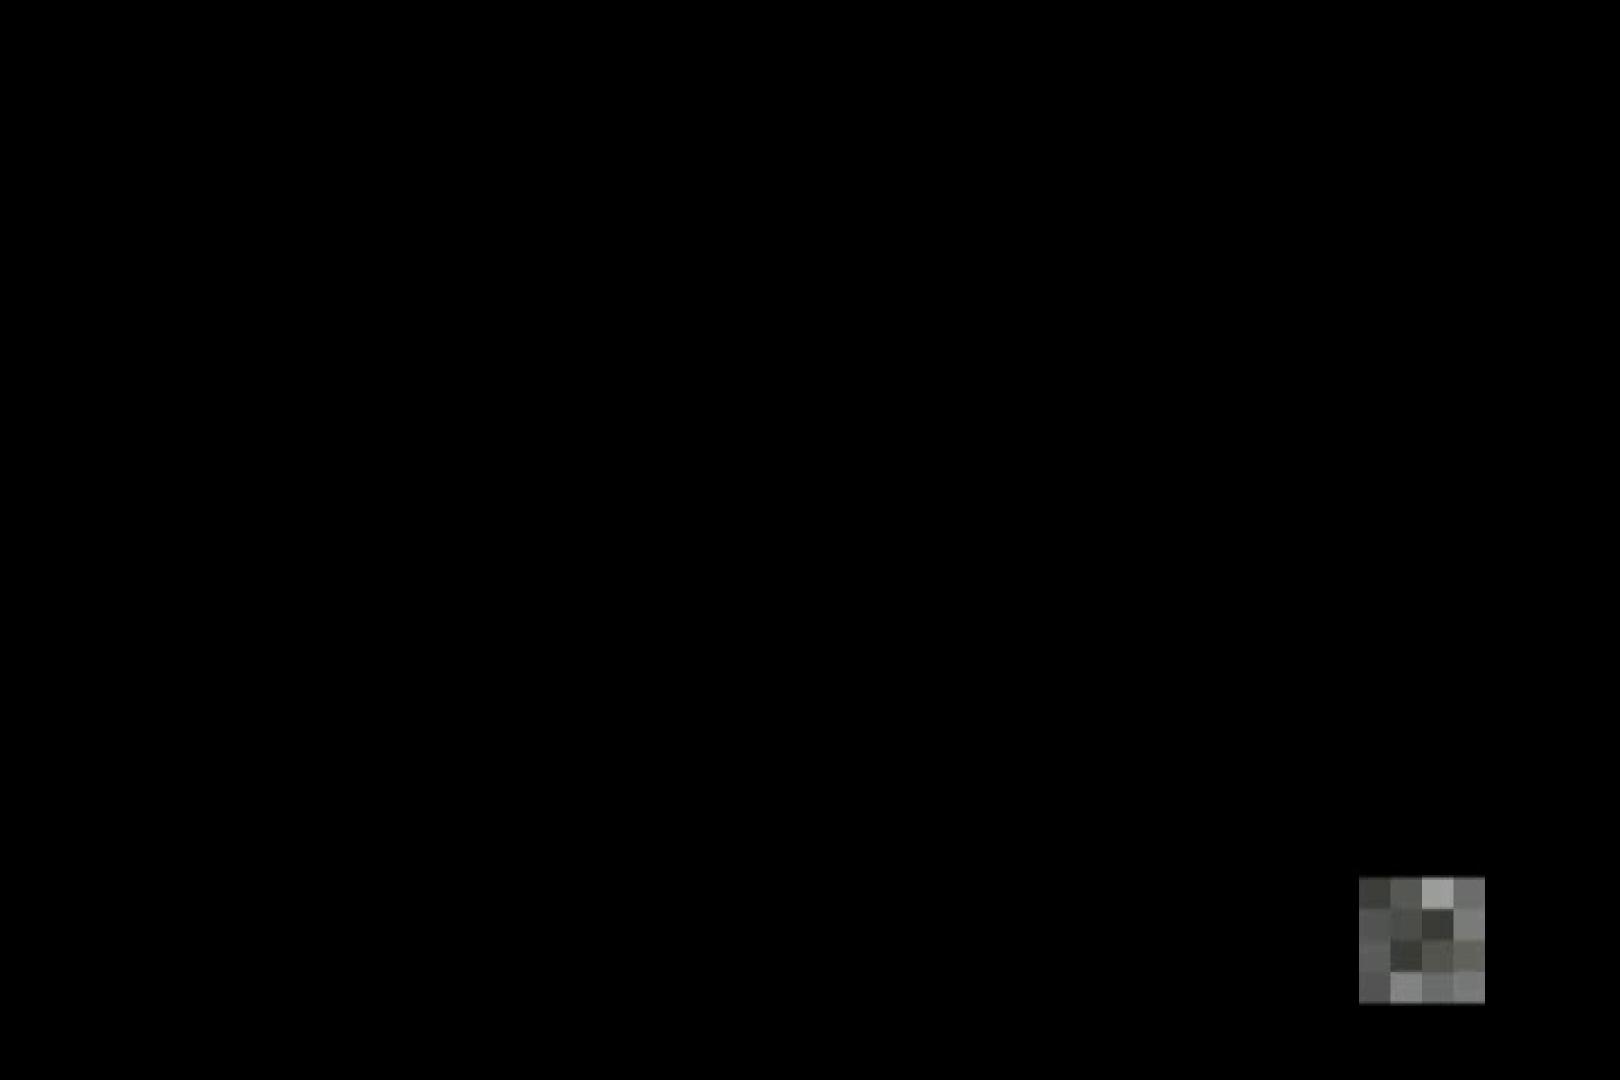 民家自慰マニアVol.4 美女OL アダルト動画キャプチャ 99連発 67